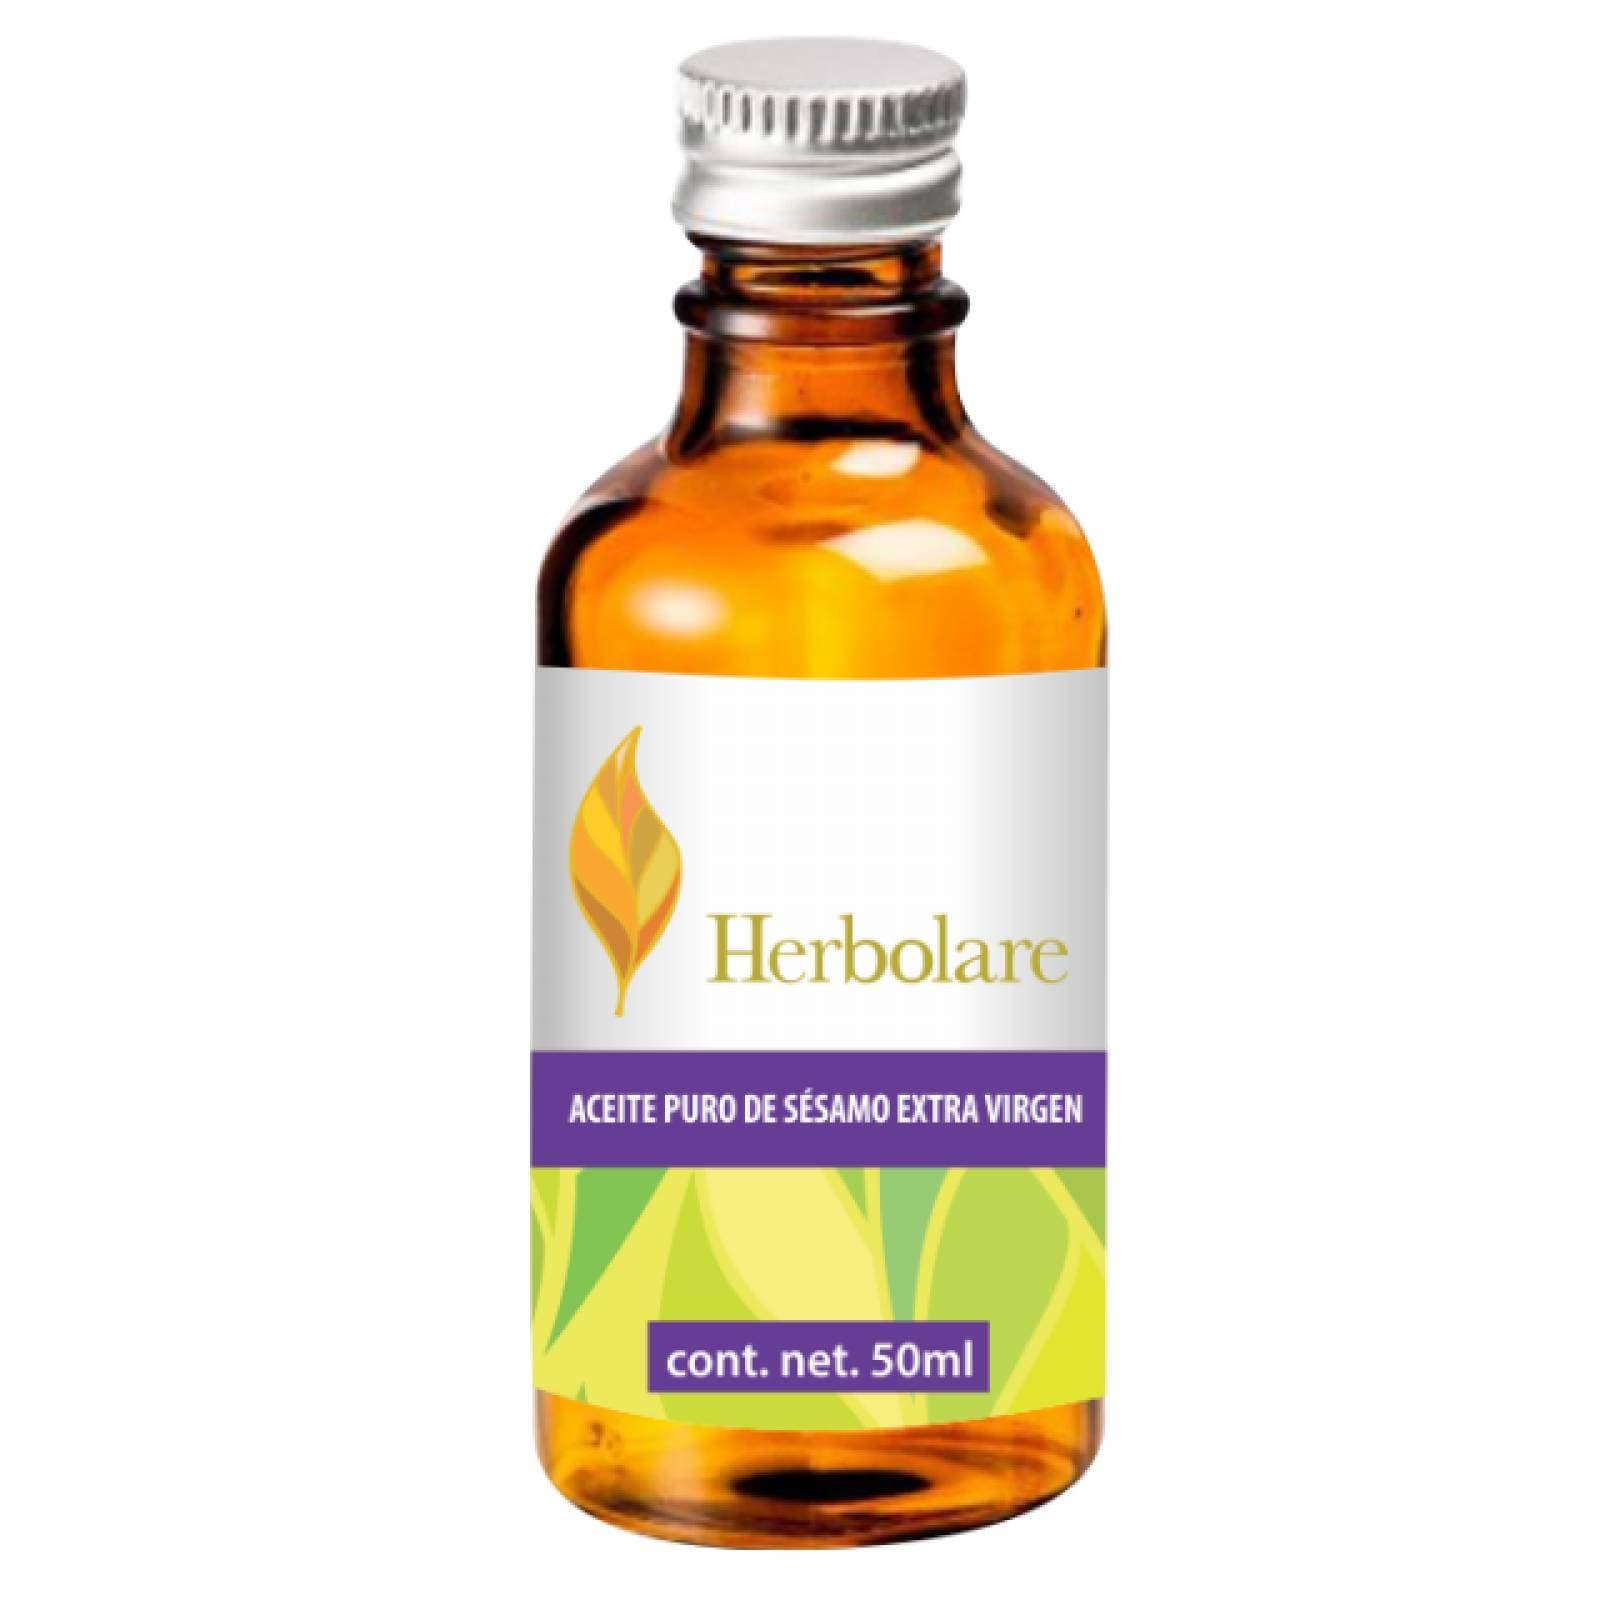 Aceite Puro Sésamo Extra Virgen 50ml Antioxidante Herbolare